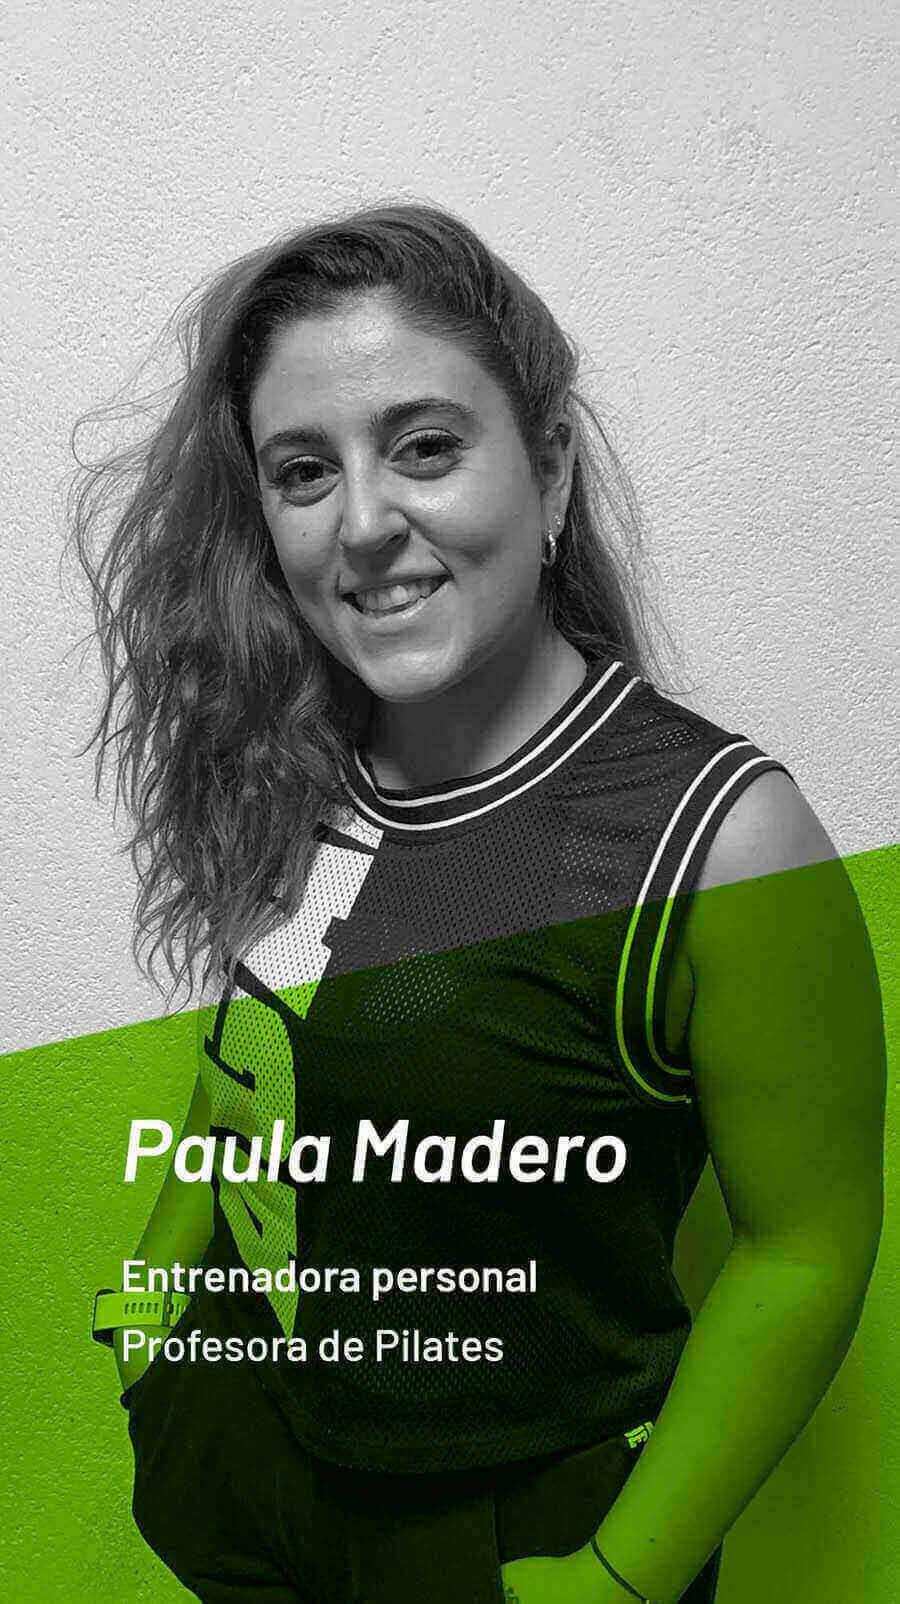 fotografia de nuestra entrenadora personal paula madero